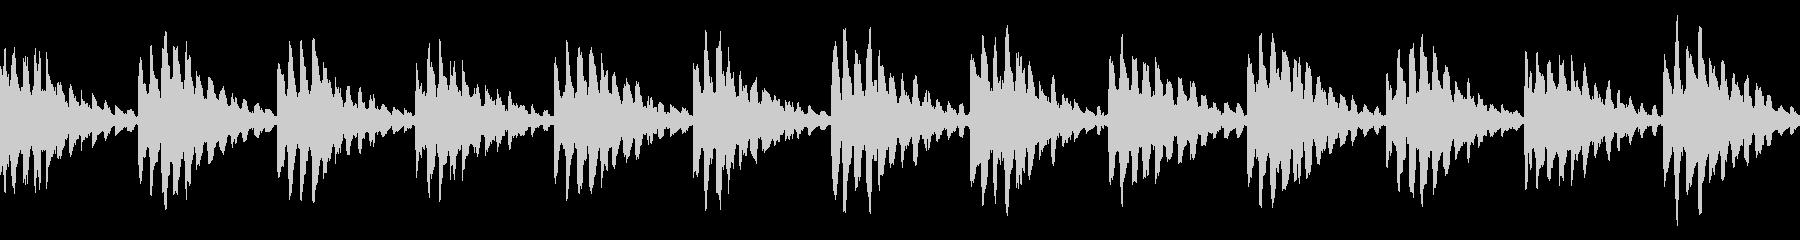 シンキングタイム シンセ 保留音 ループの未再生の波形